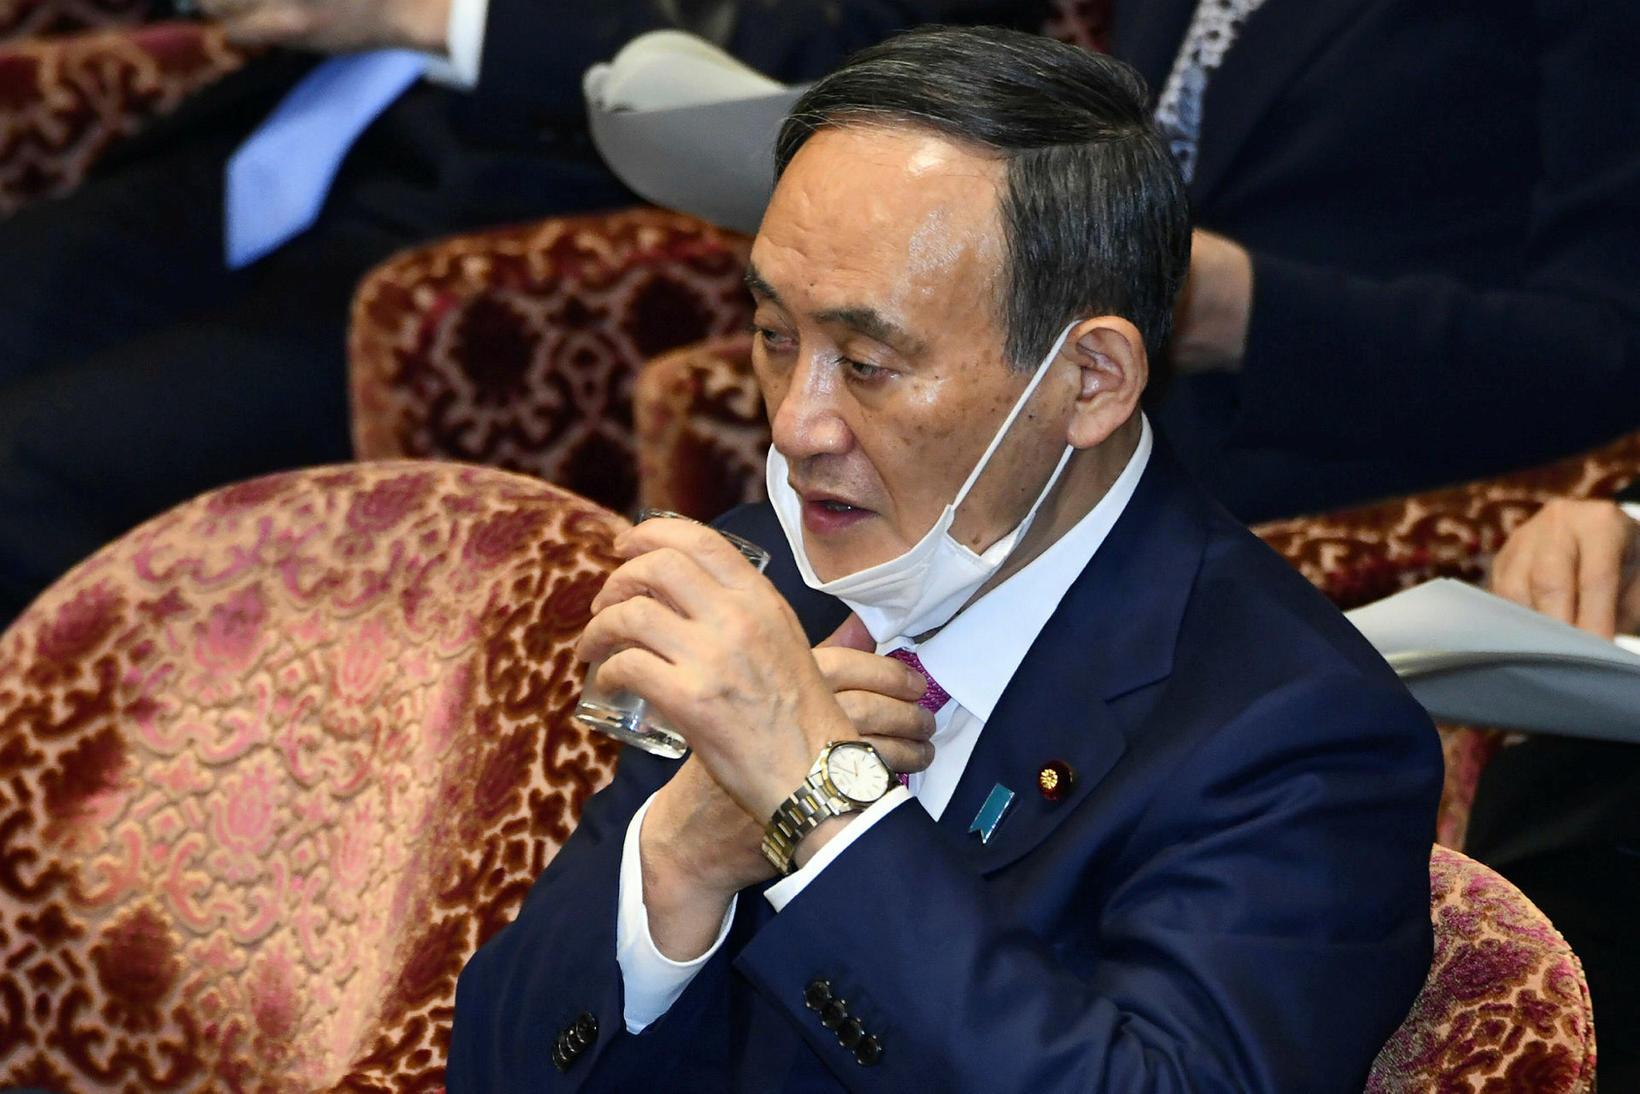 Yoshihide Suga, forsætisráðherra Japans, í þinghúsi landsins.